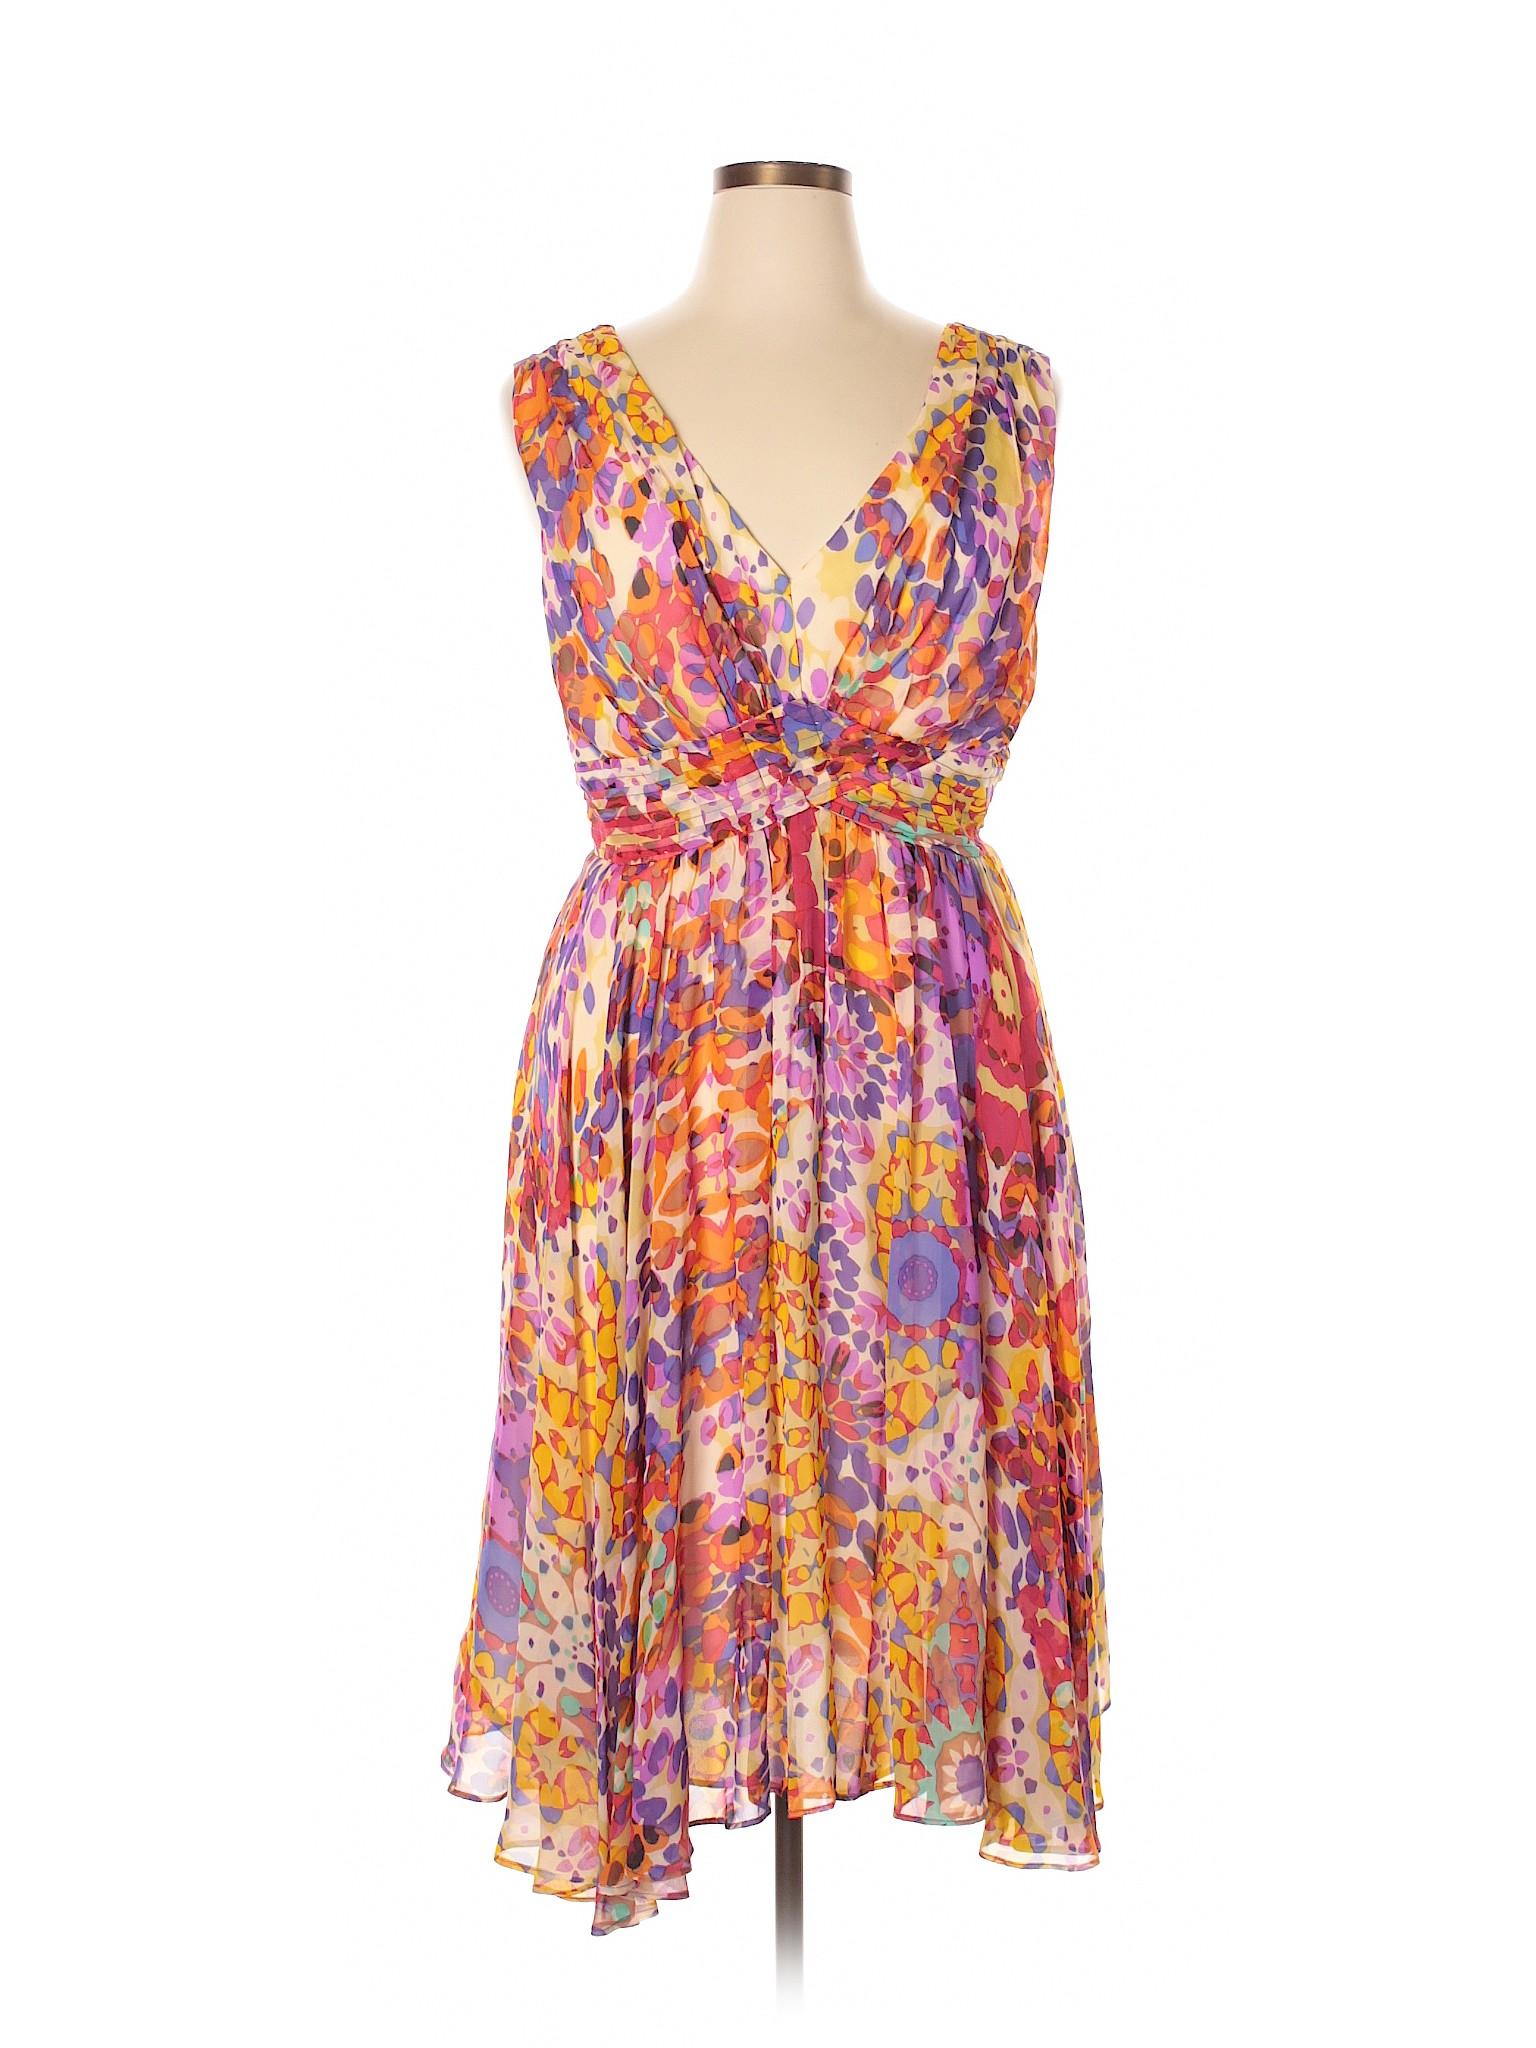 Boutique Maggy winter Boutique Dress Casual ZwfZ1q